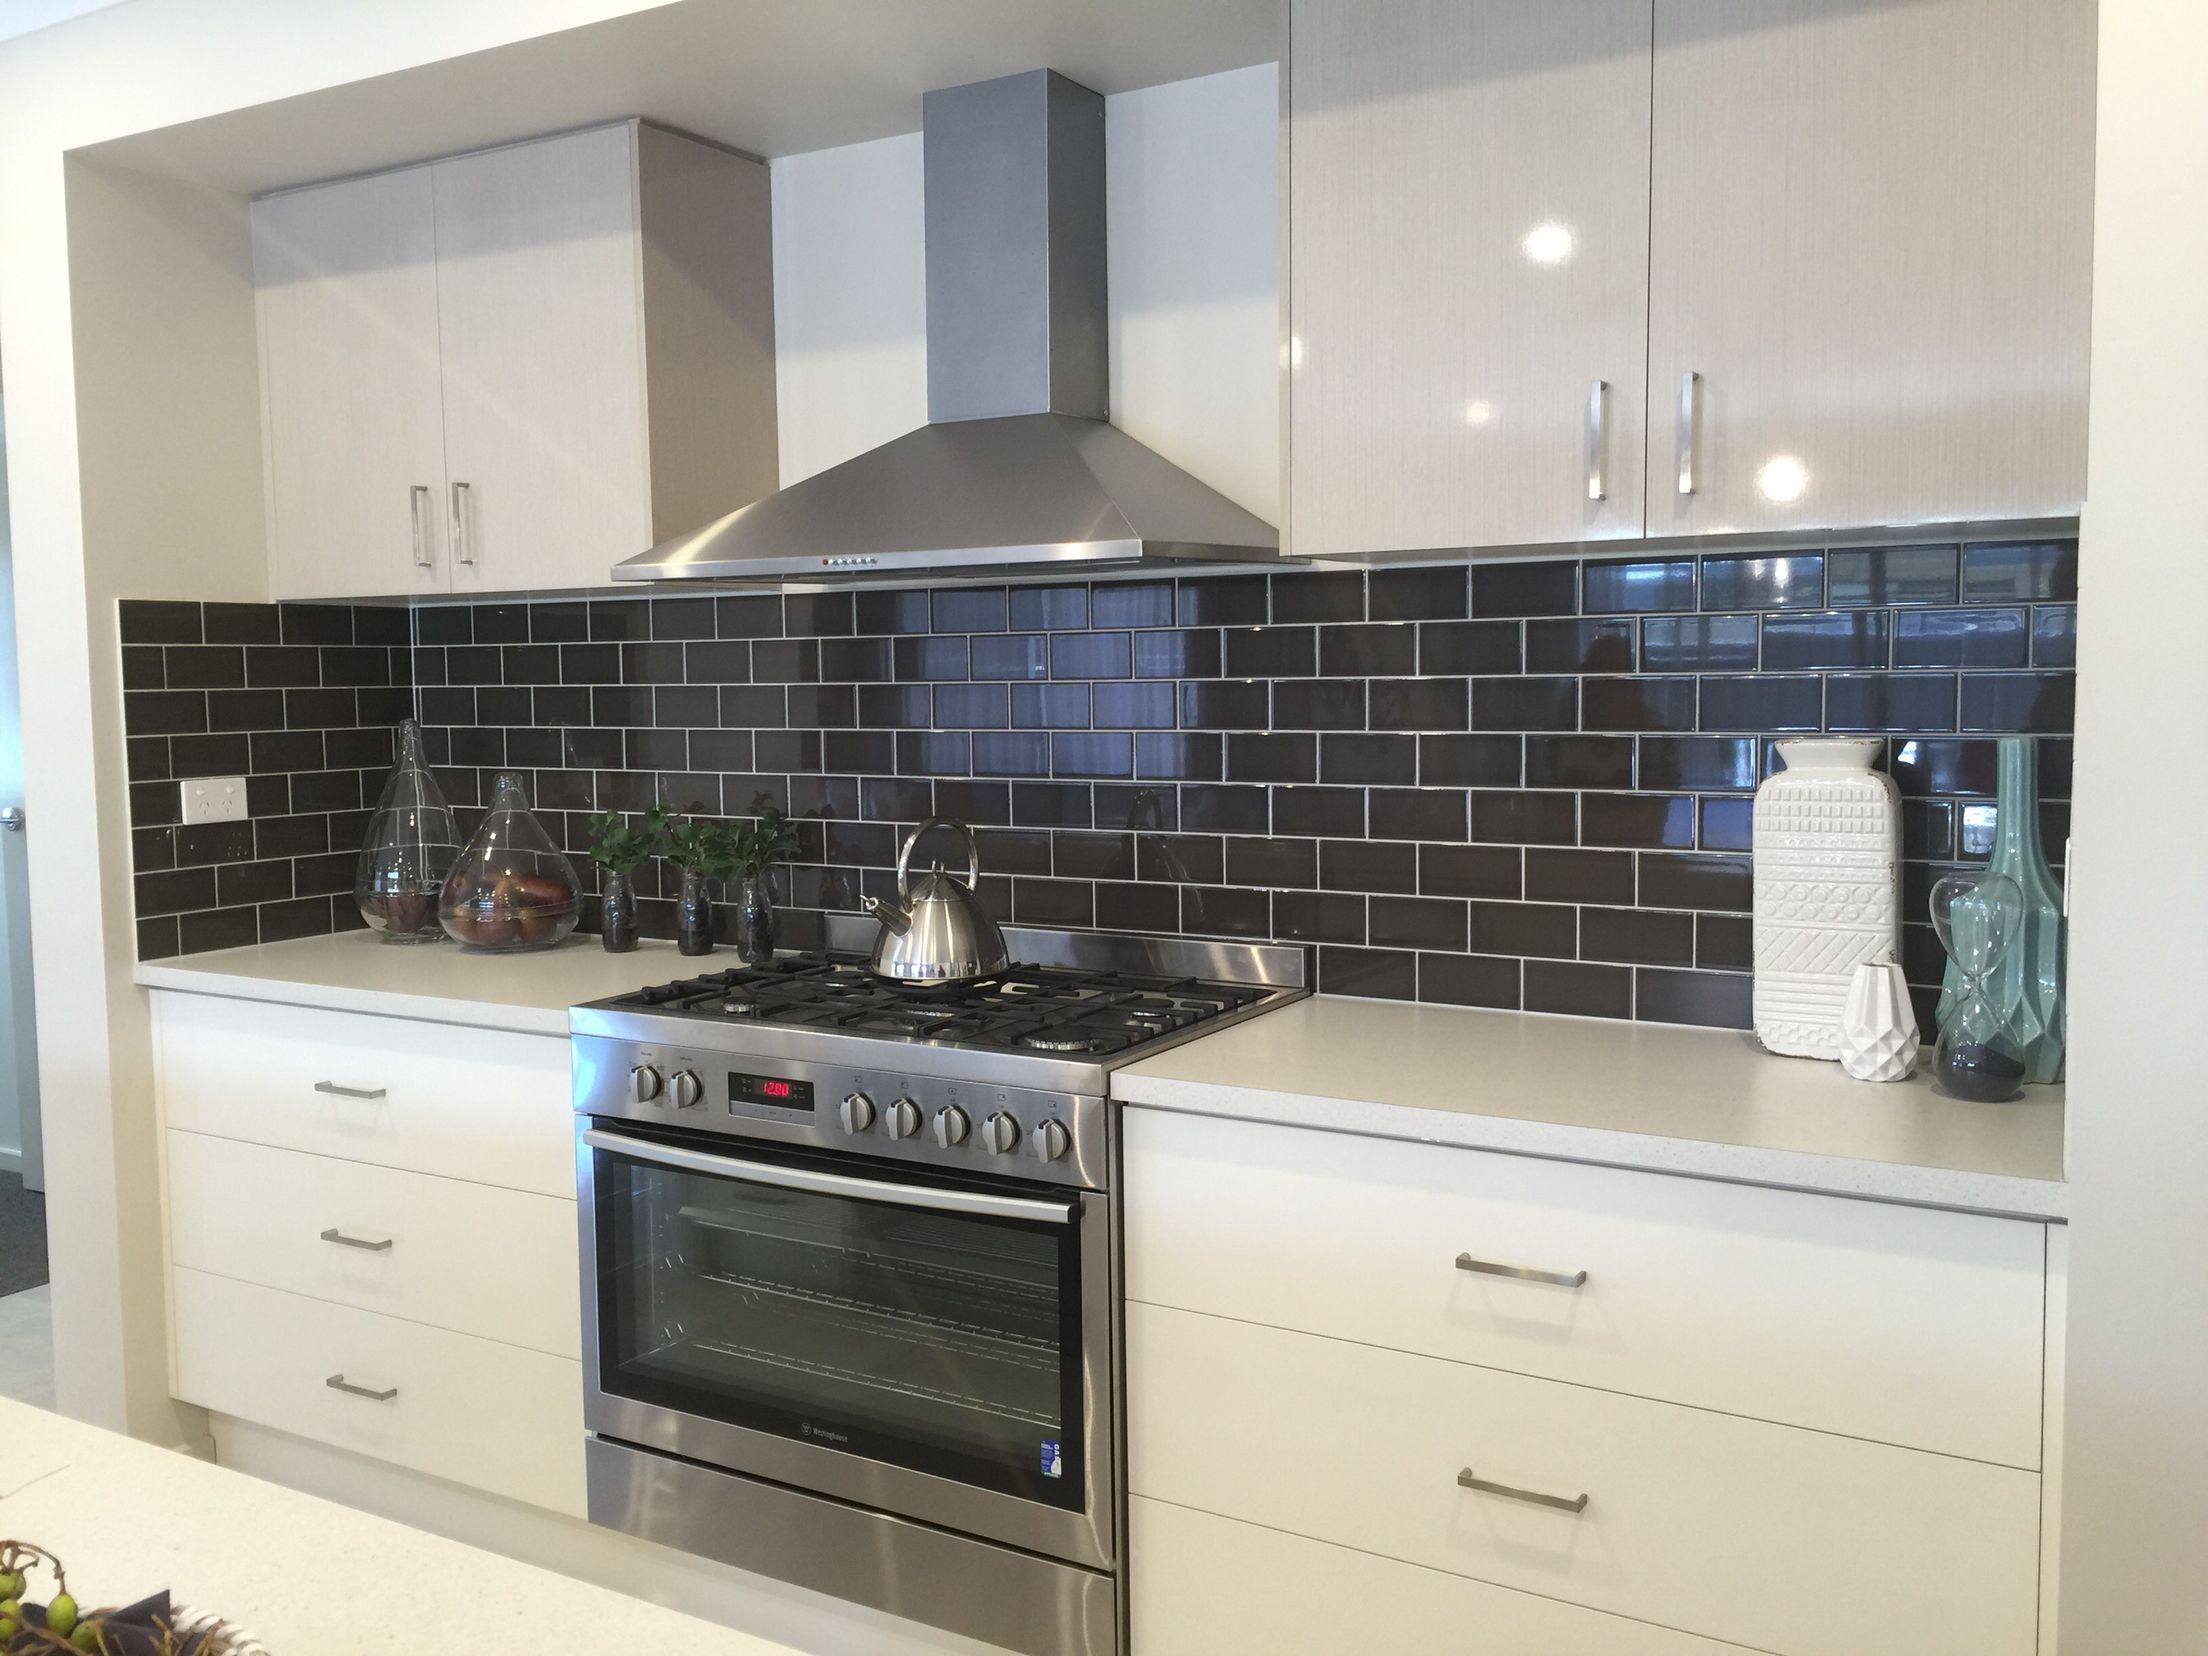 Charcoal Or Black Splashback Tiles Kitchen Splashback Designs Trendy Kitchen Tile Black Tiles Kitchen